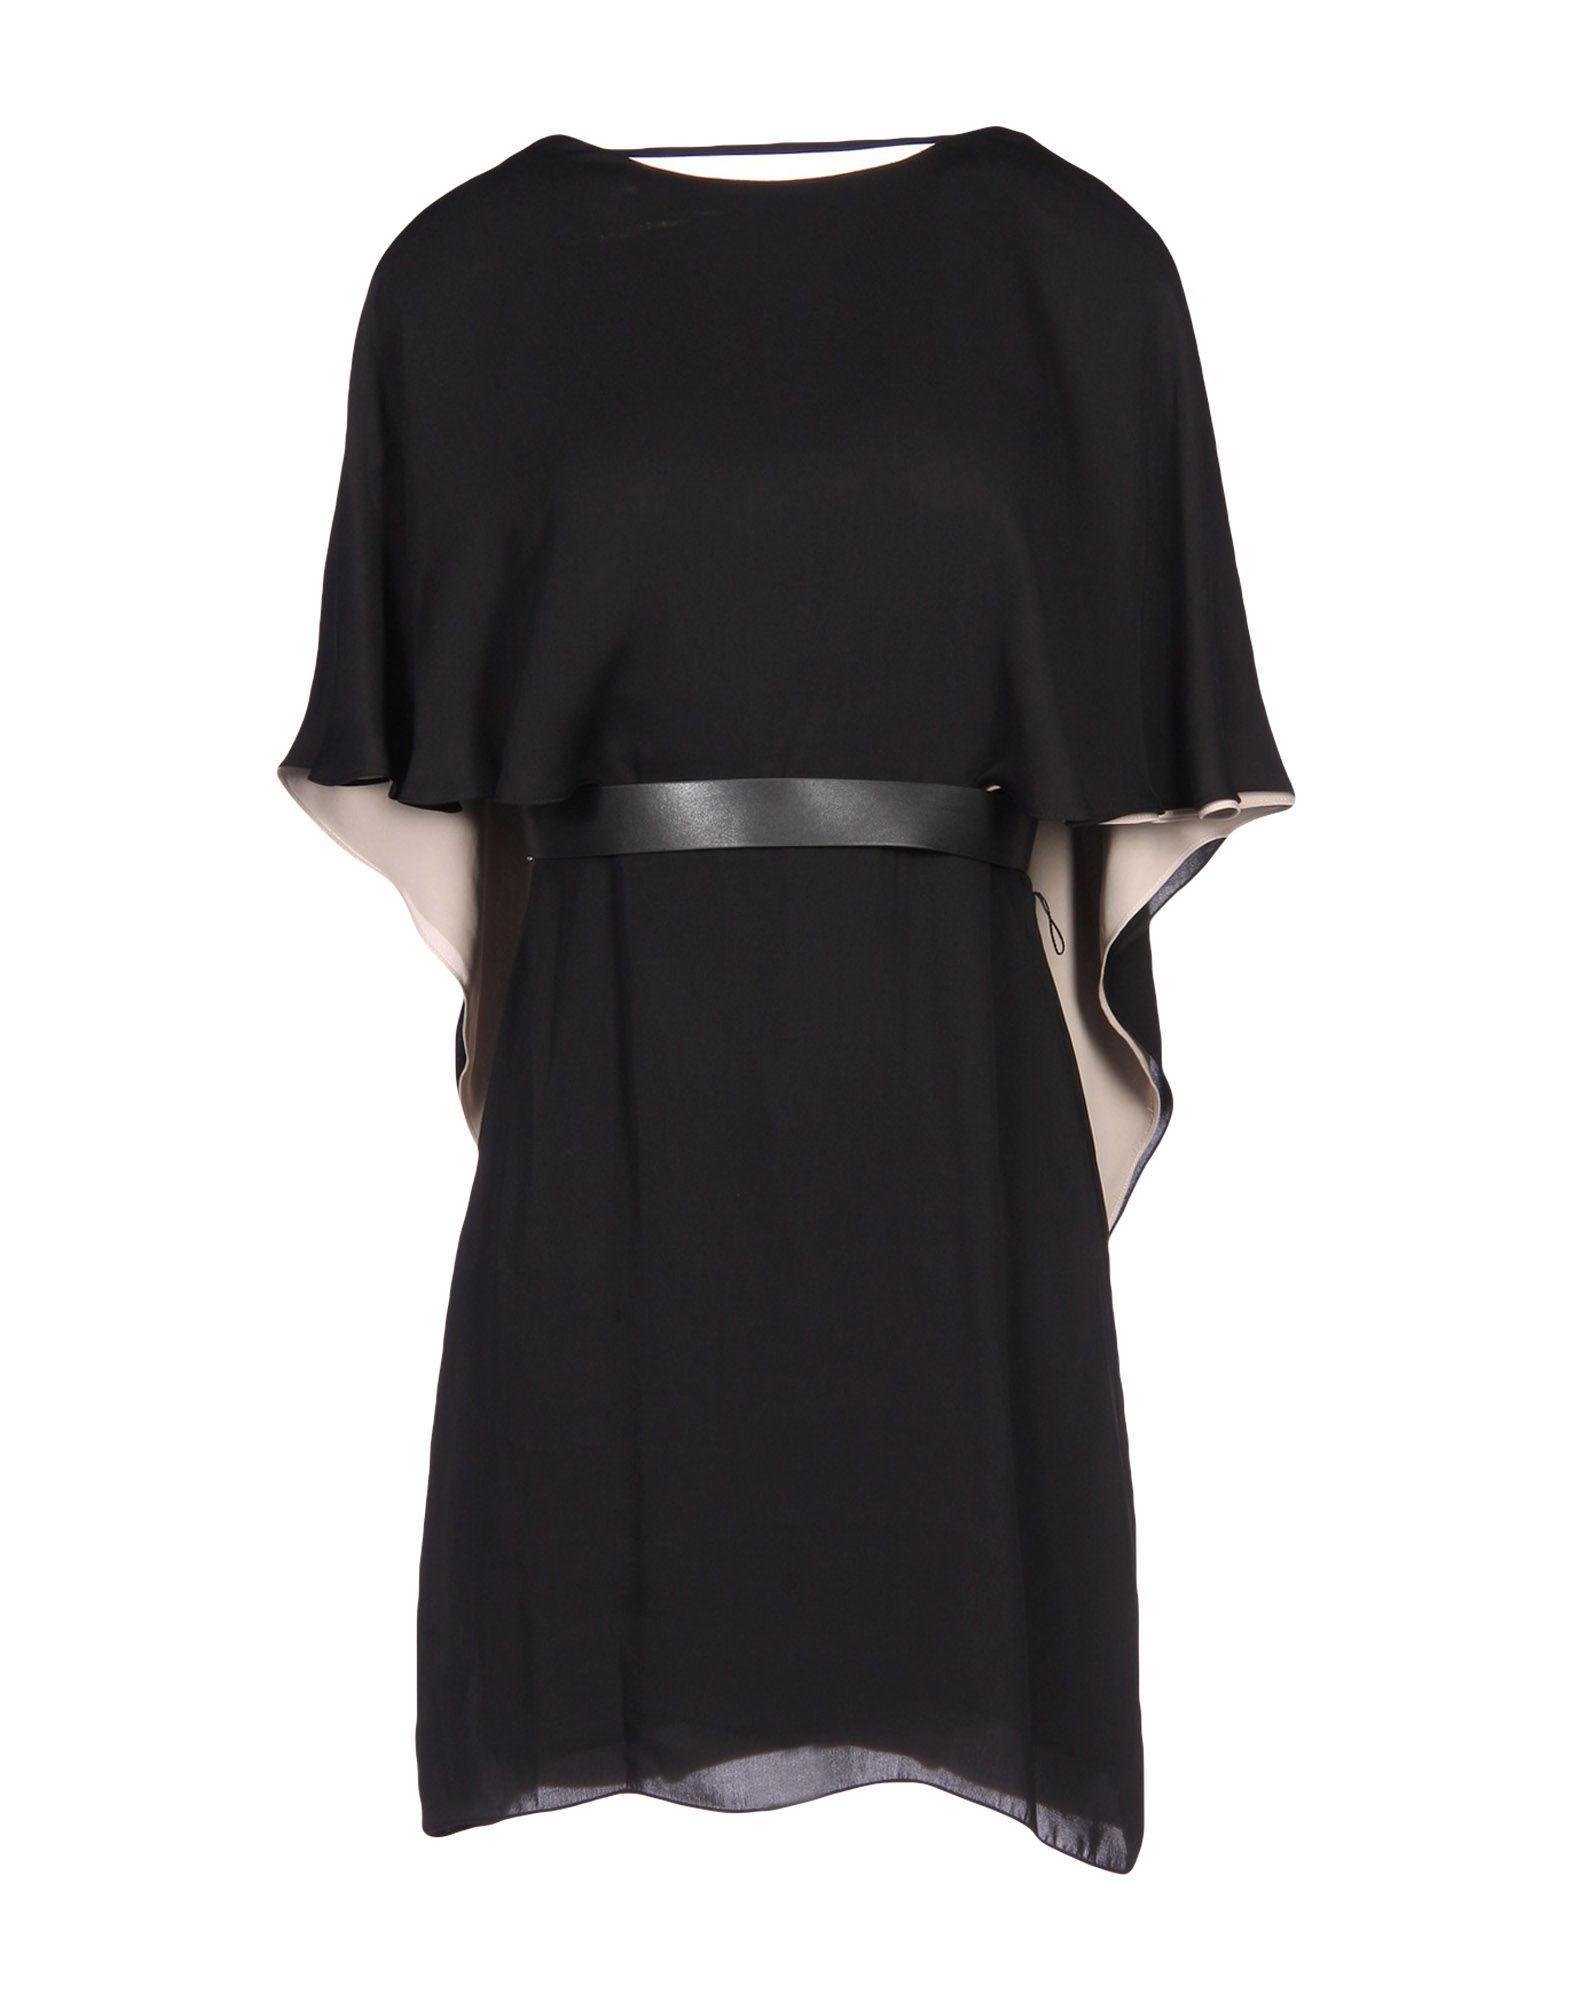 HALSTON HERITAGE Damen Kurzes Kleid Farbe Schwarz Größe 7